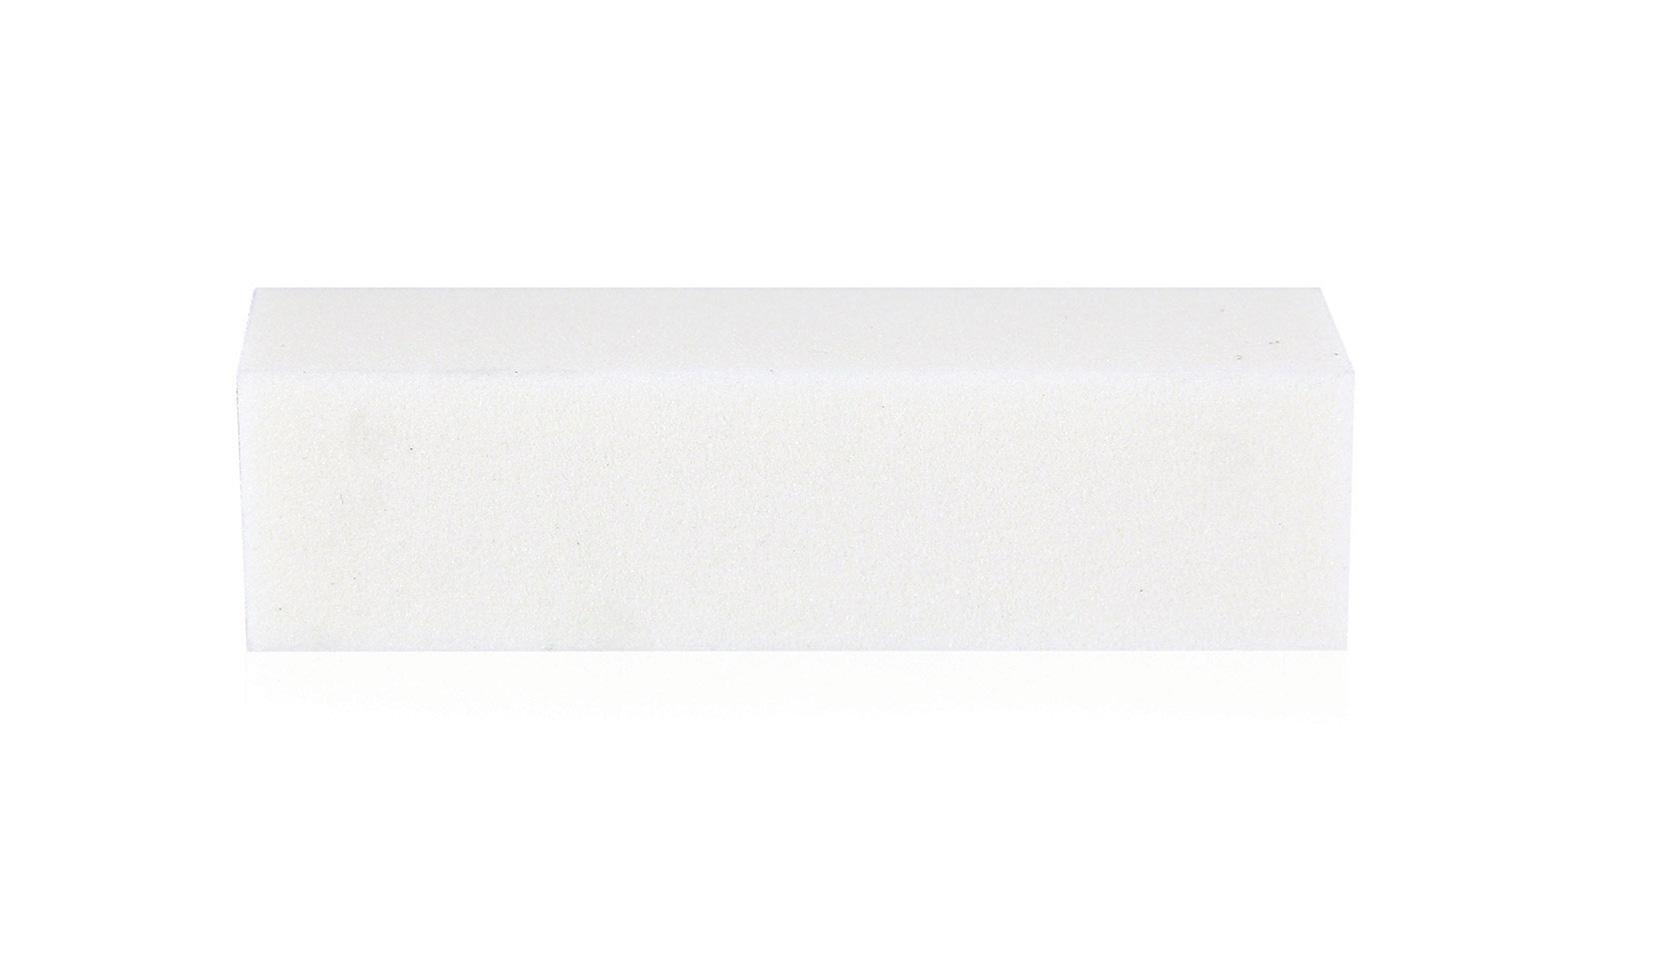 Бафик шлифовочный четырёхсторонний белый